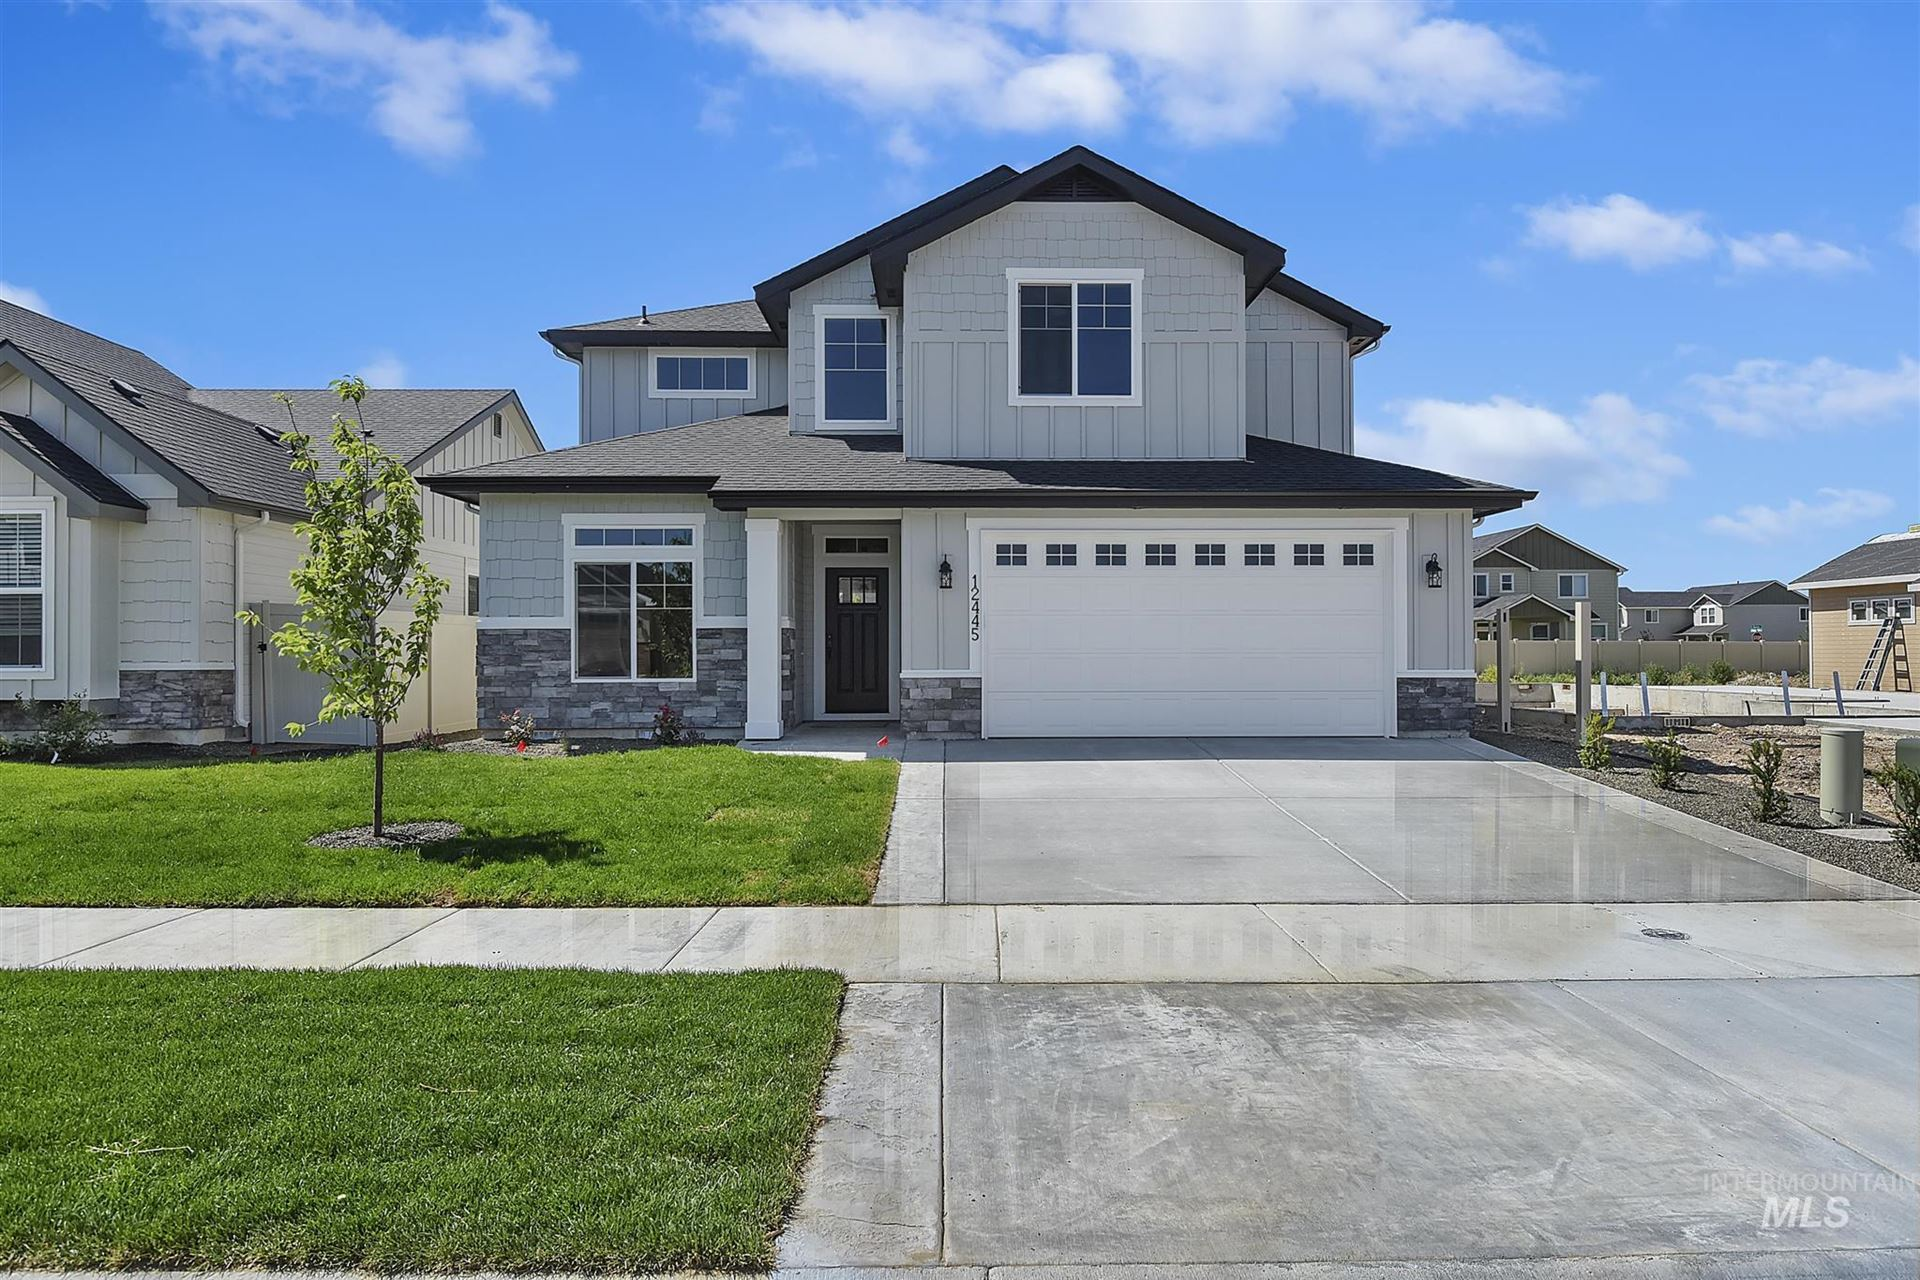 12445 W Brentor St., Boise, ID 83709 - MLS#: 98808311